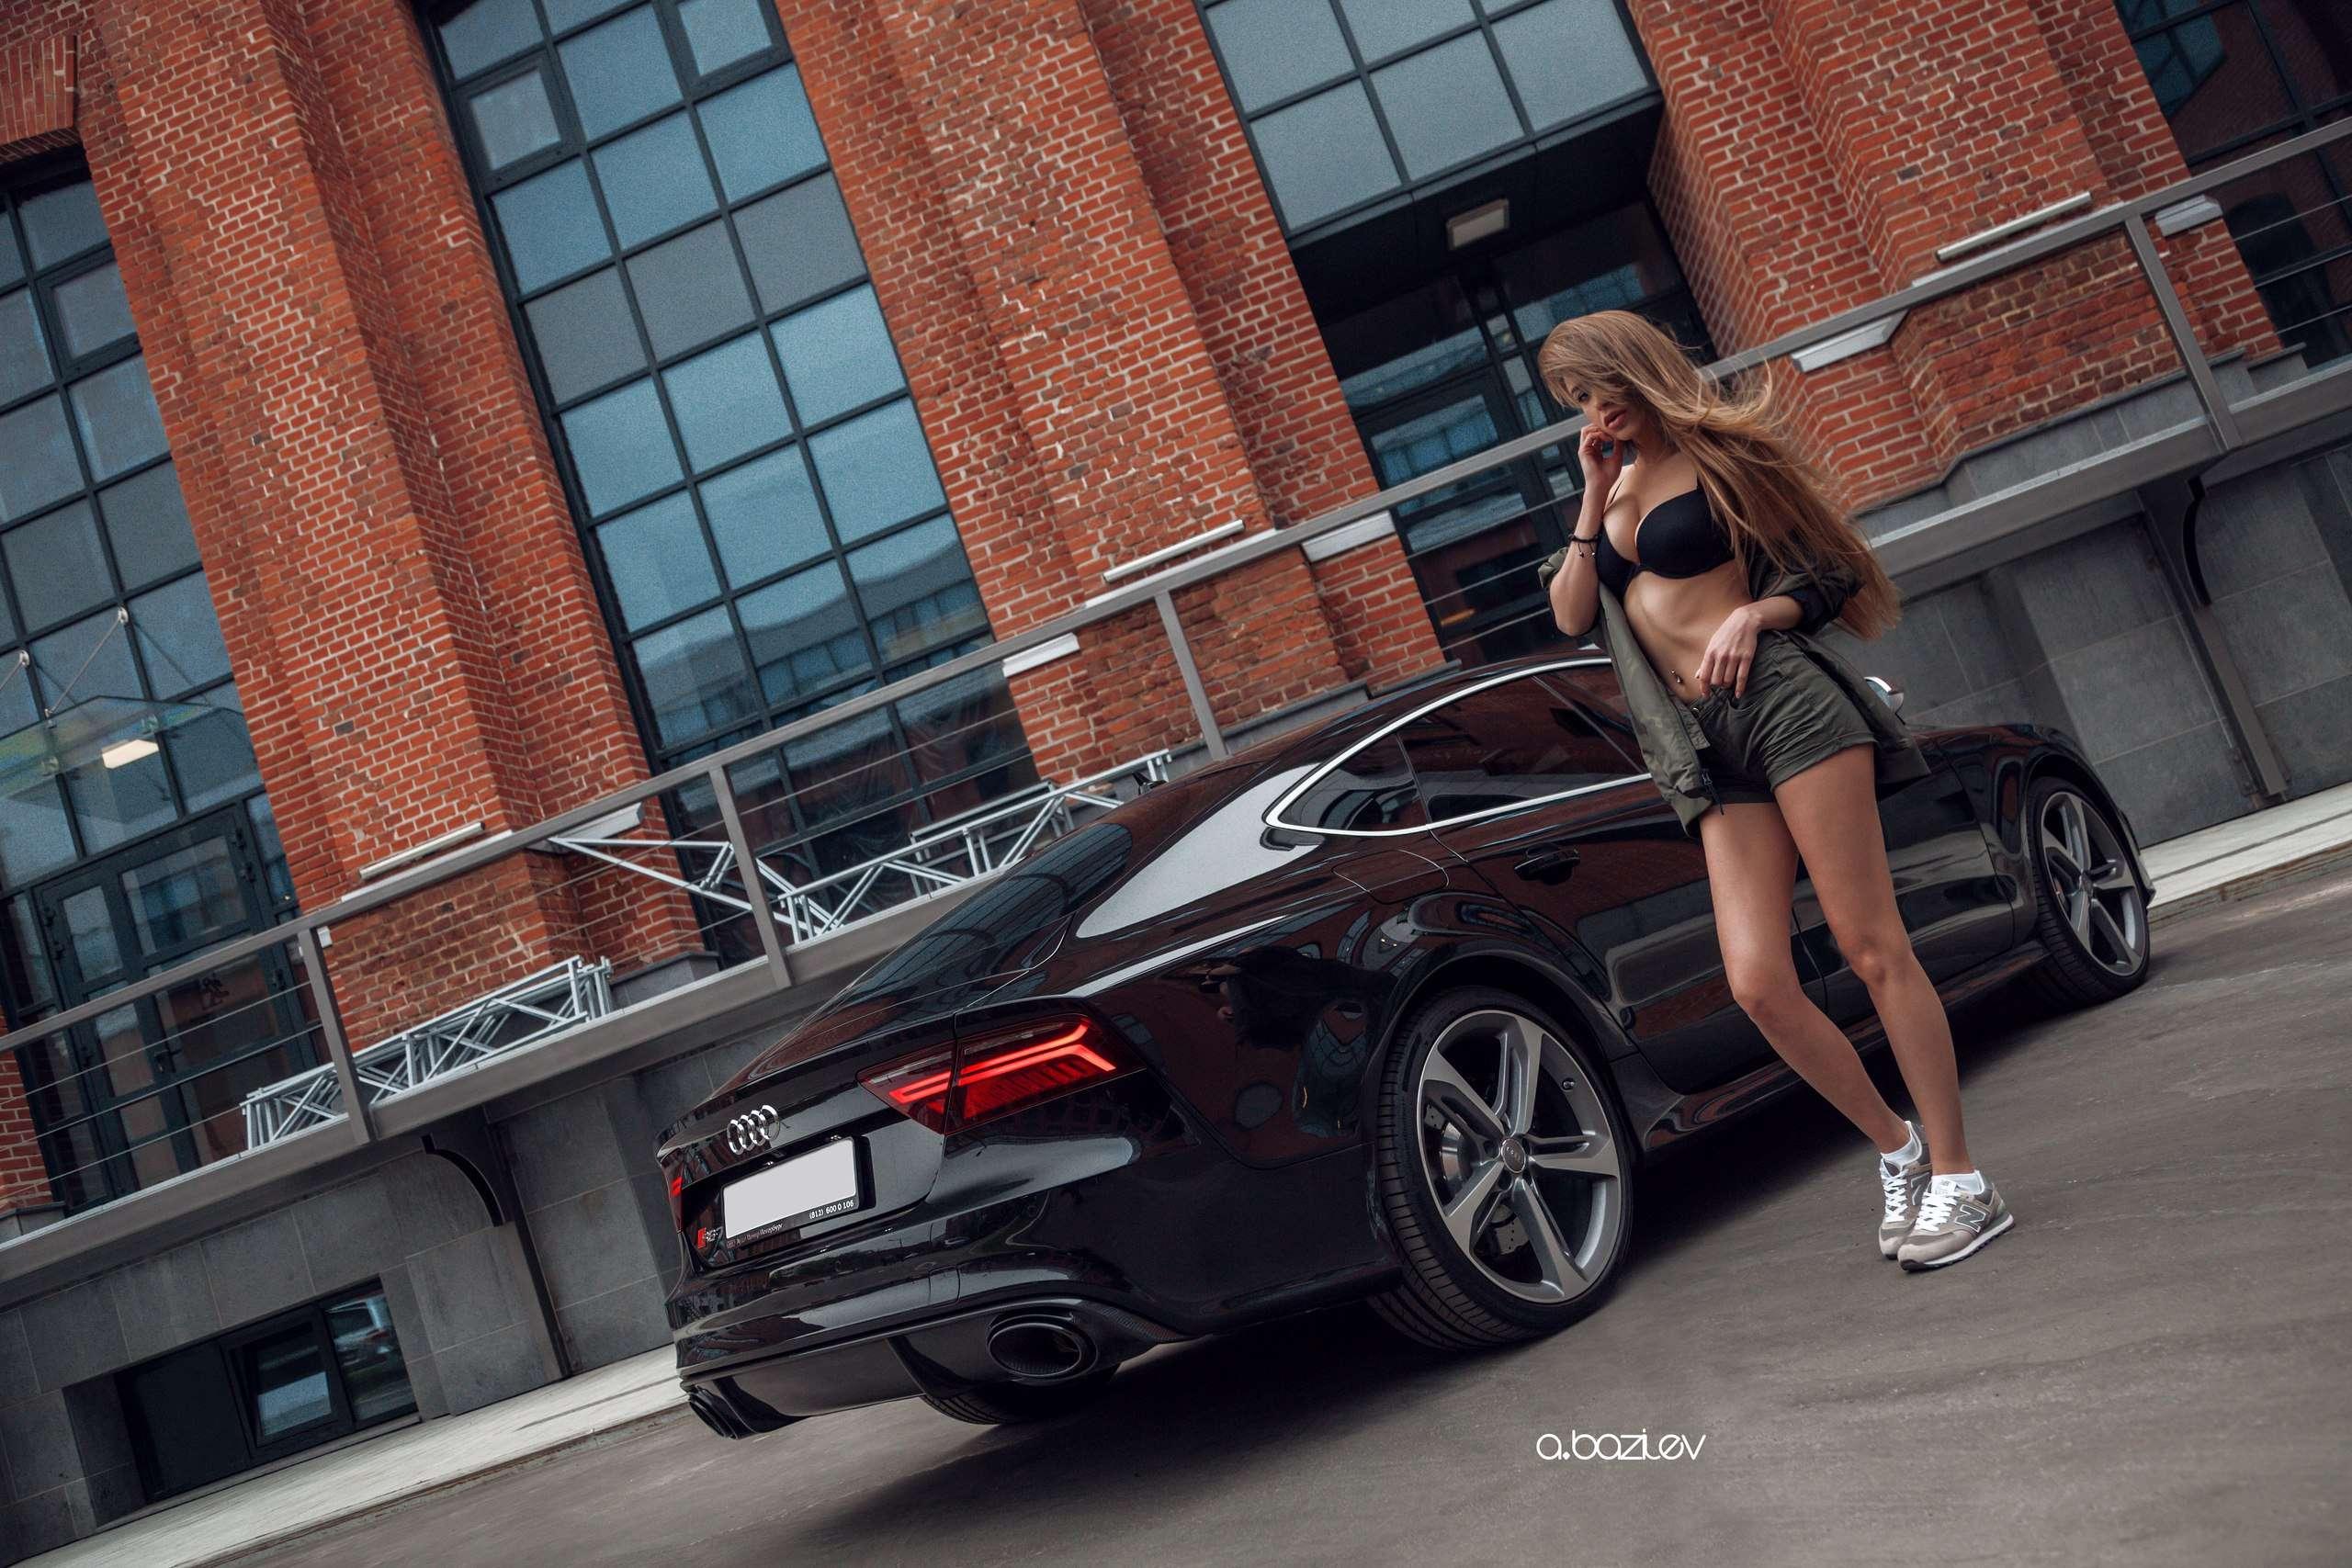 Сексуальные девушки и автомобили (часть 10)